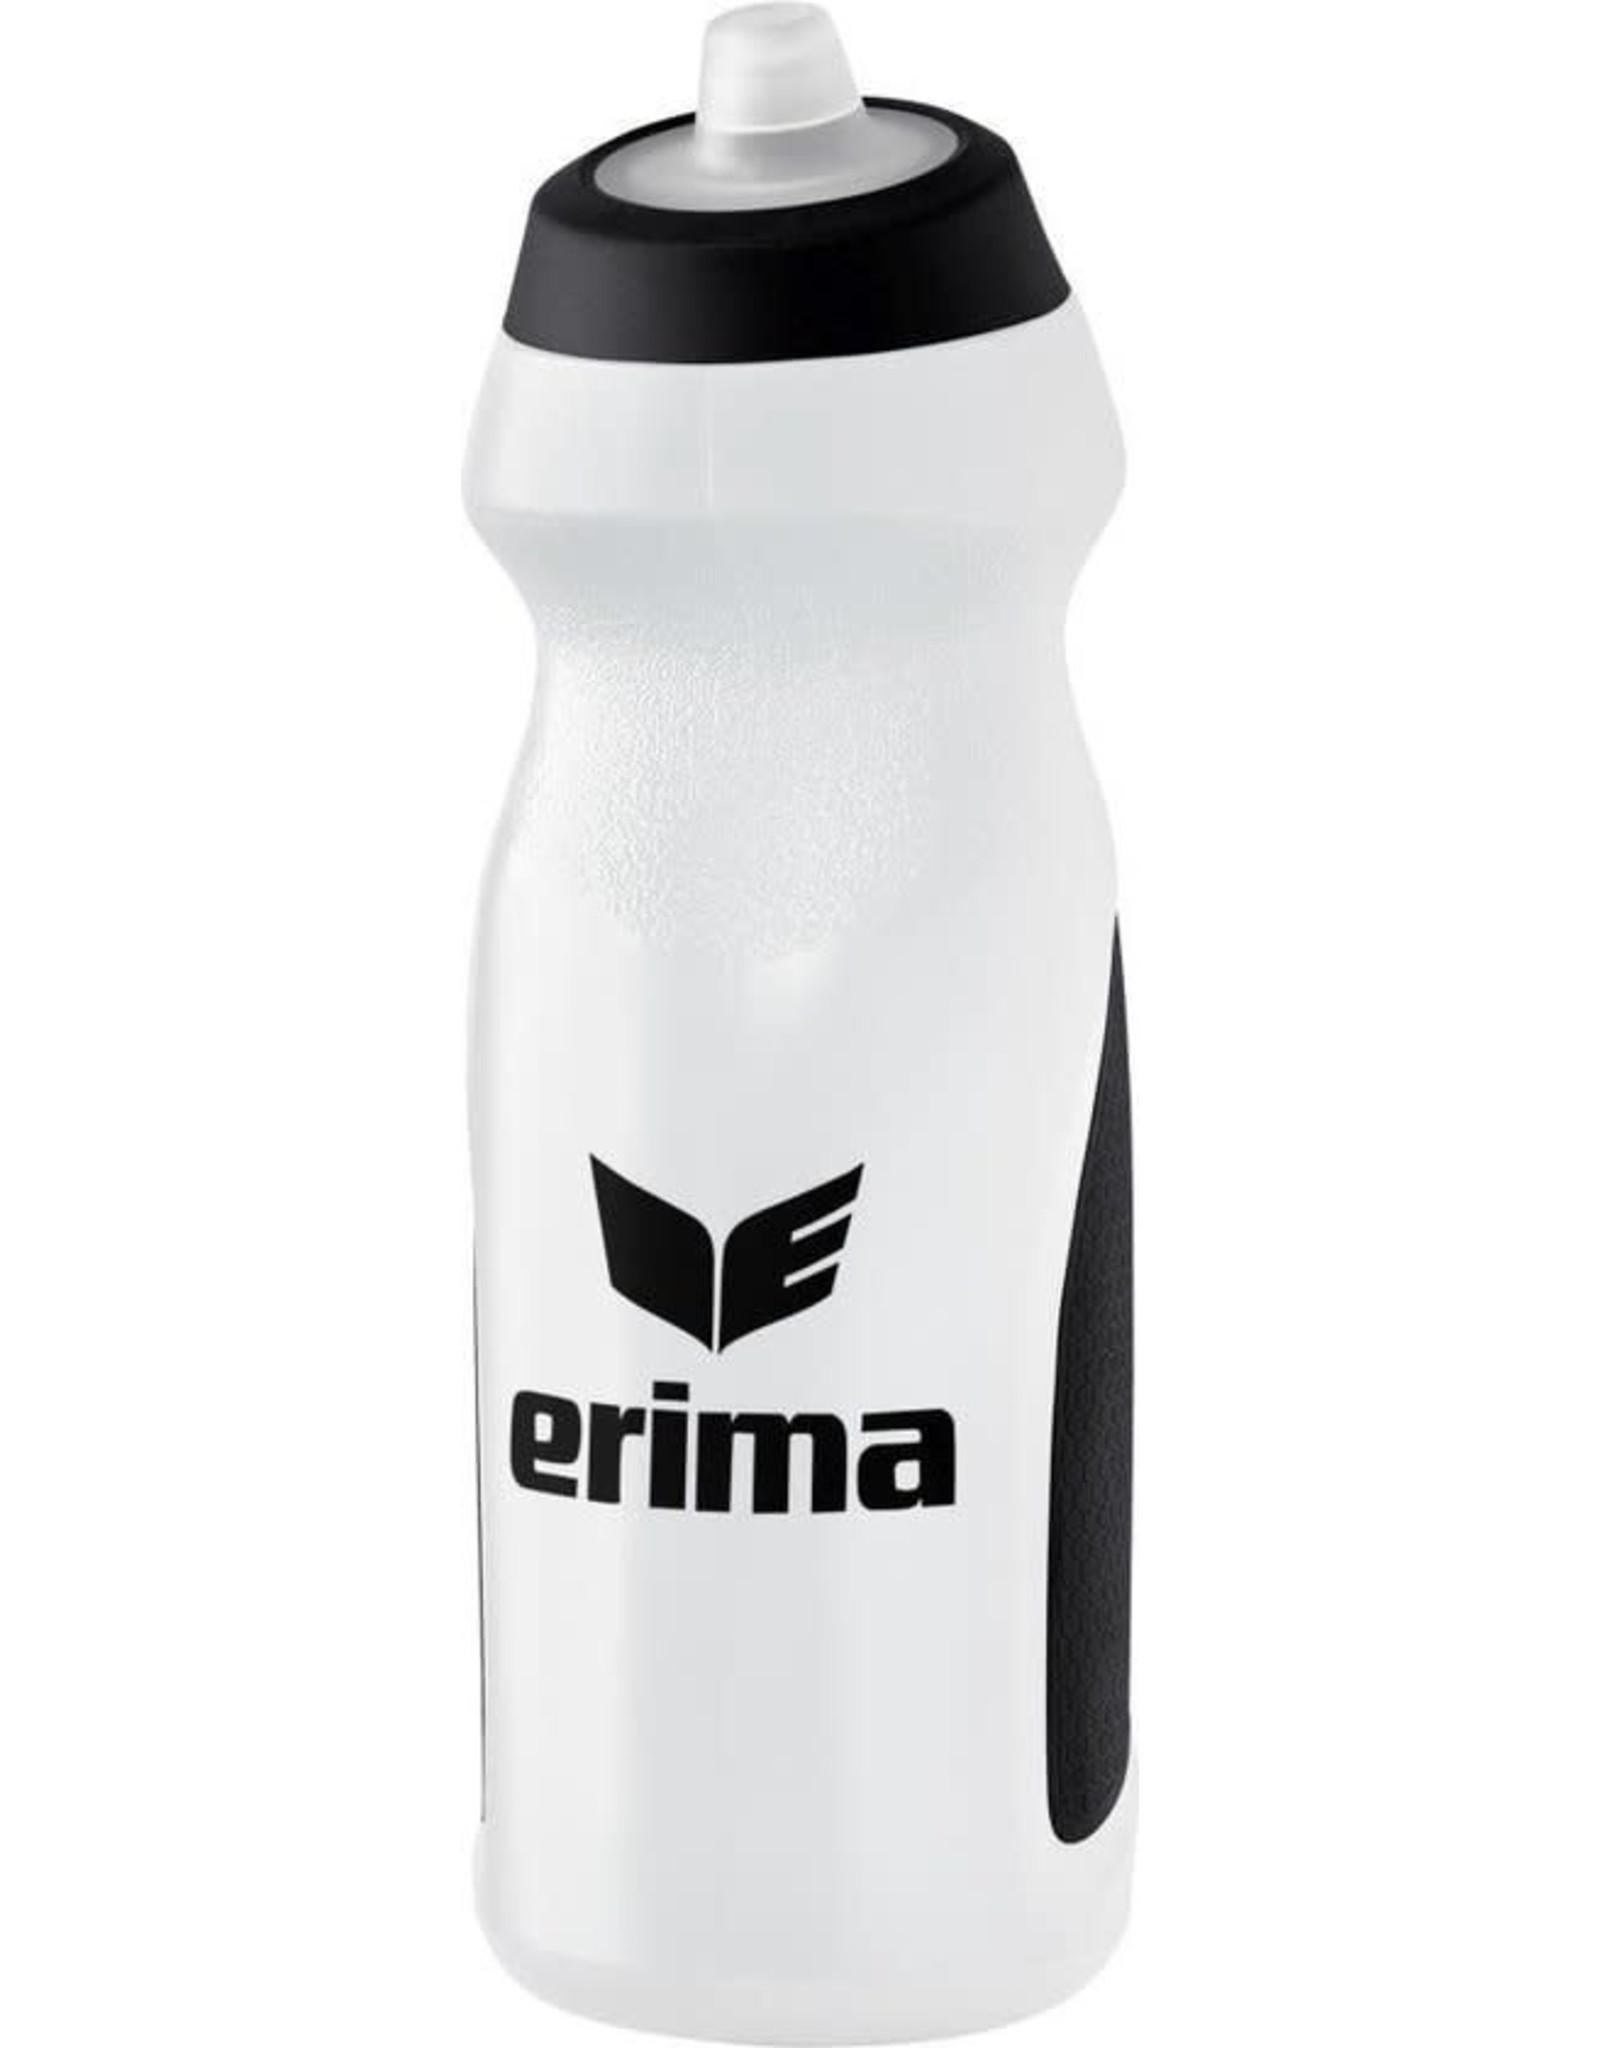 Erima ERIMA water bottle 0.7l